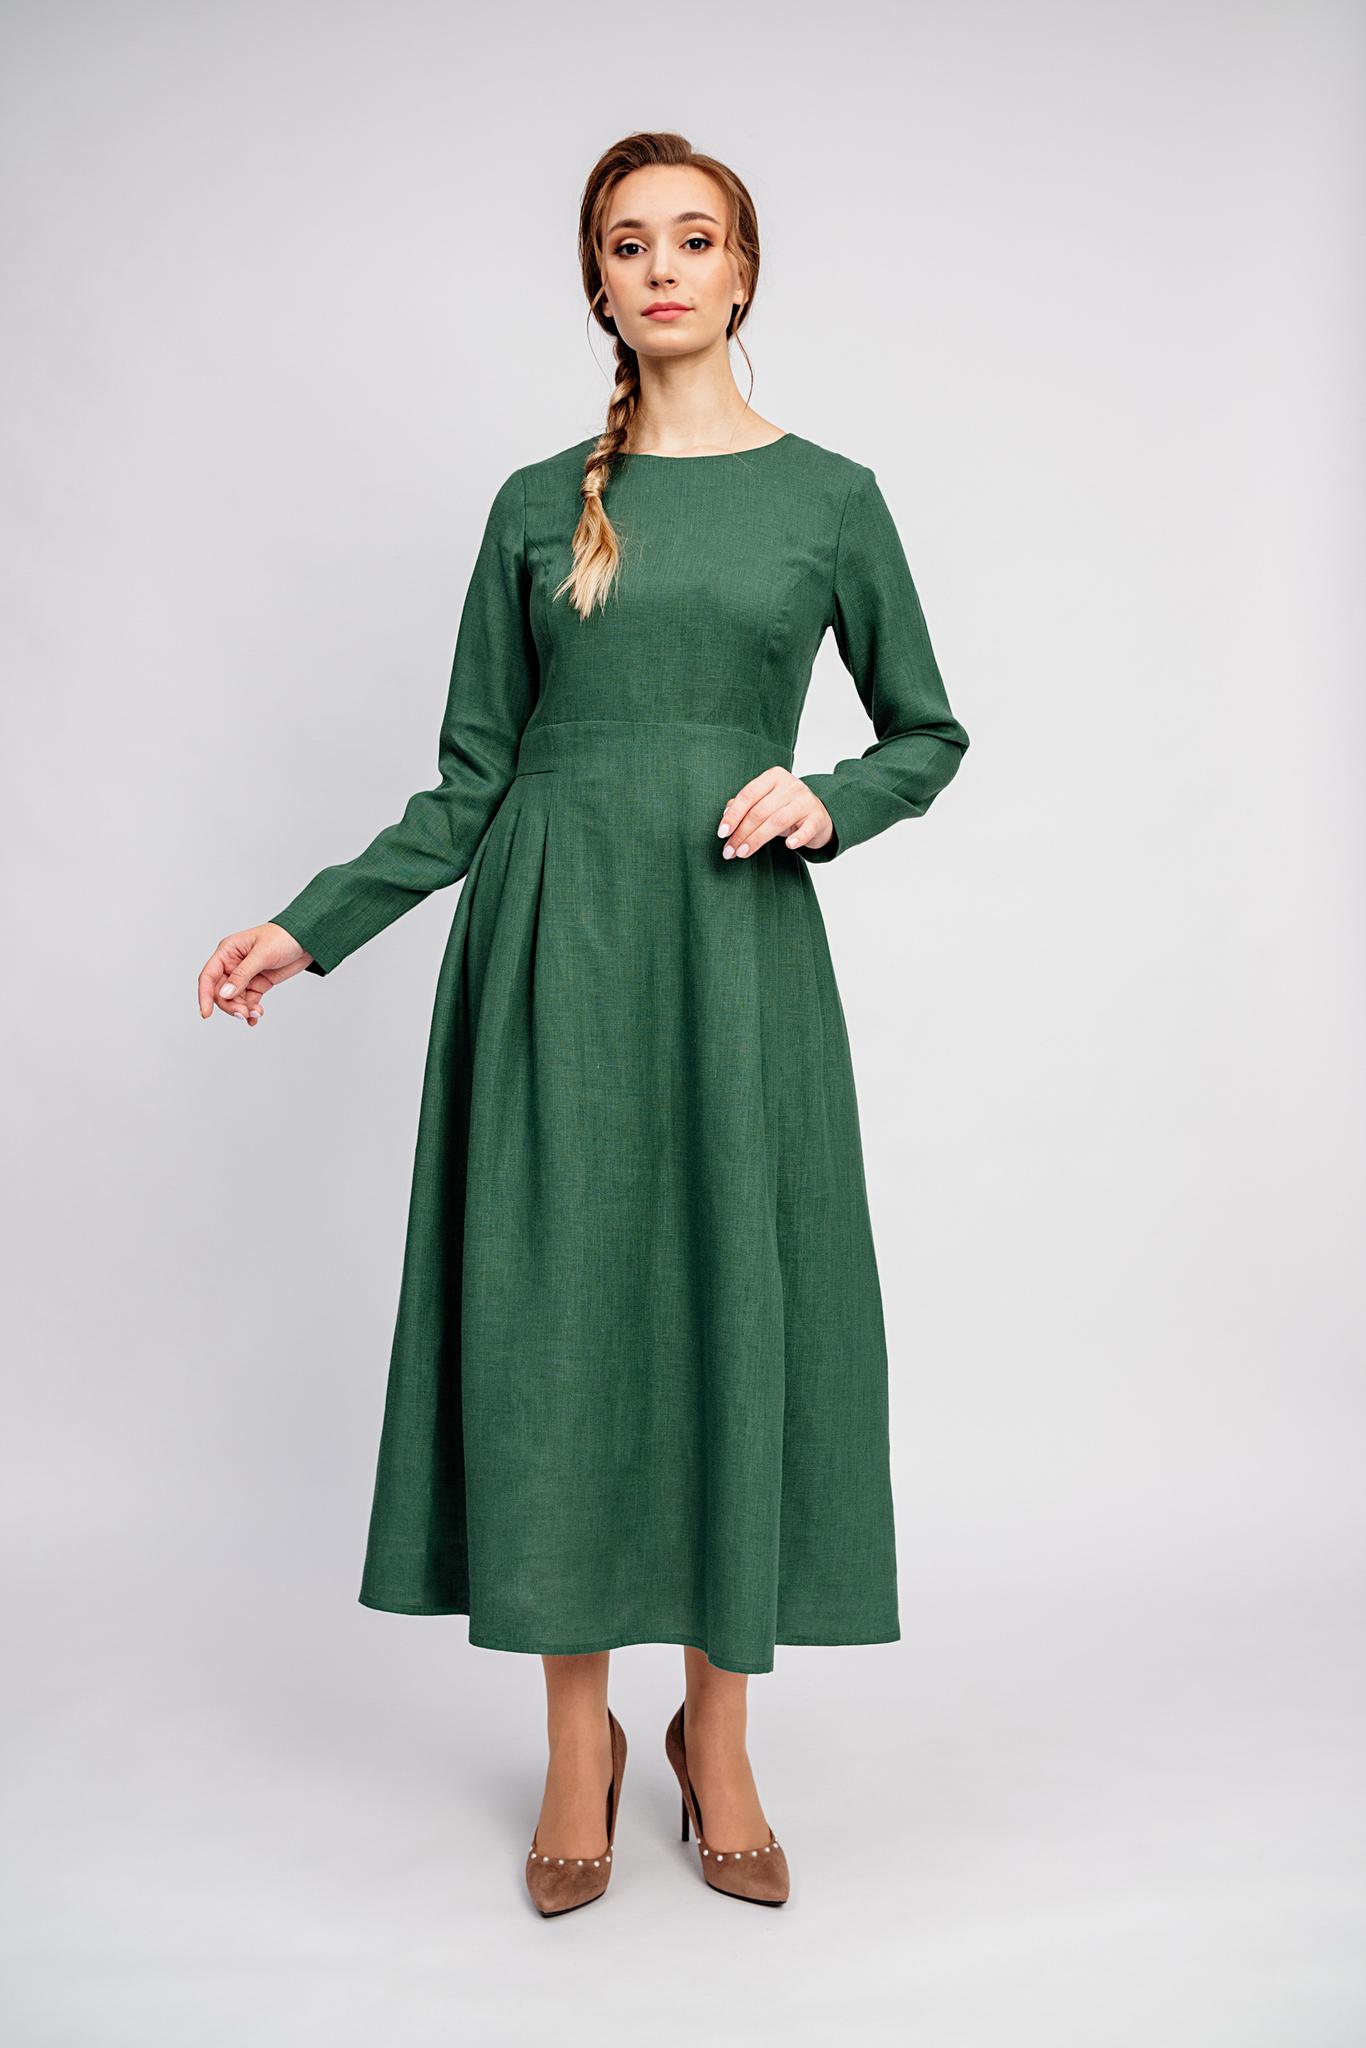 Нарядное платье славянское Молодо-зелено